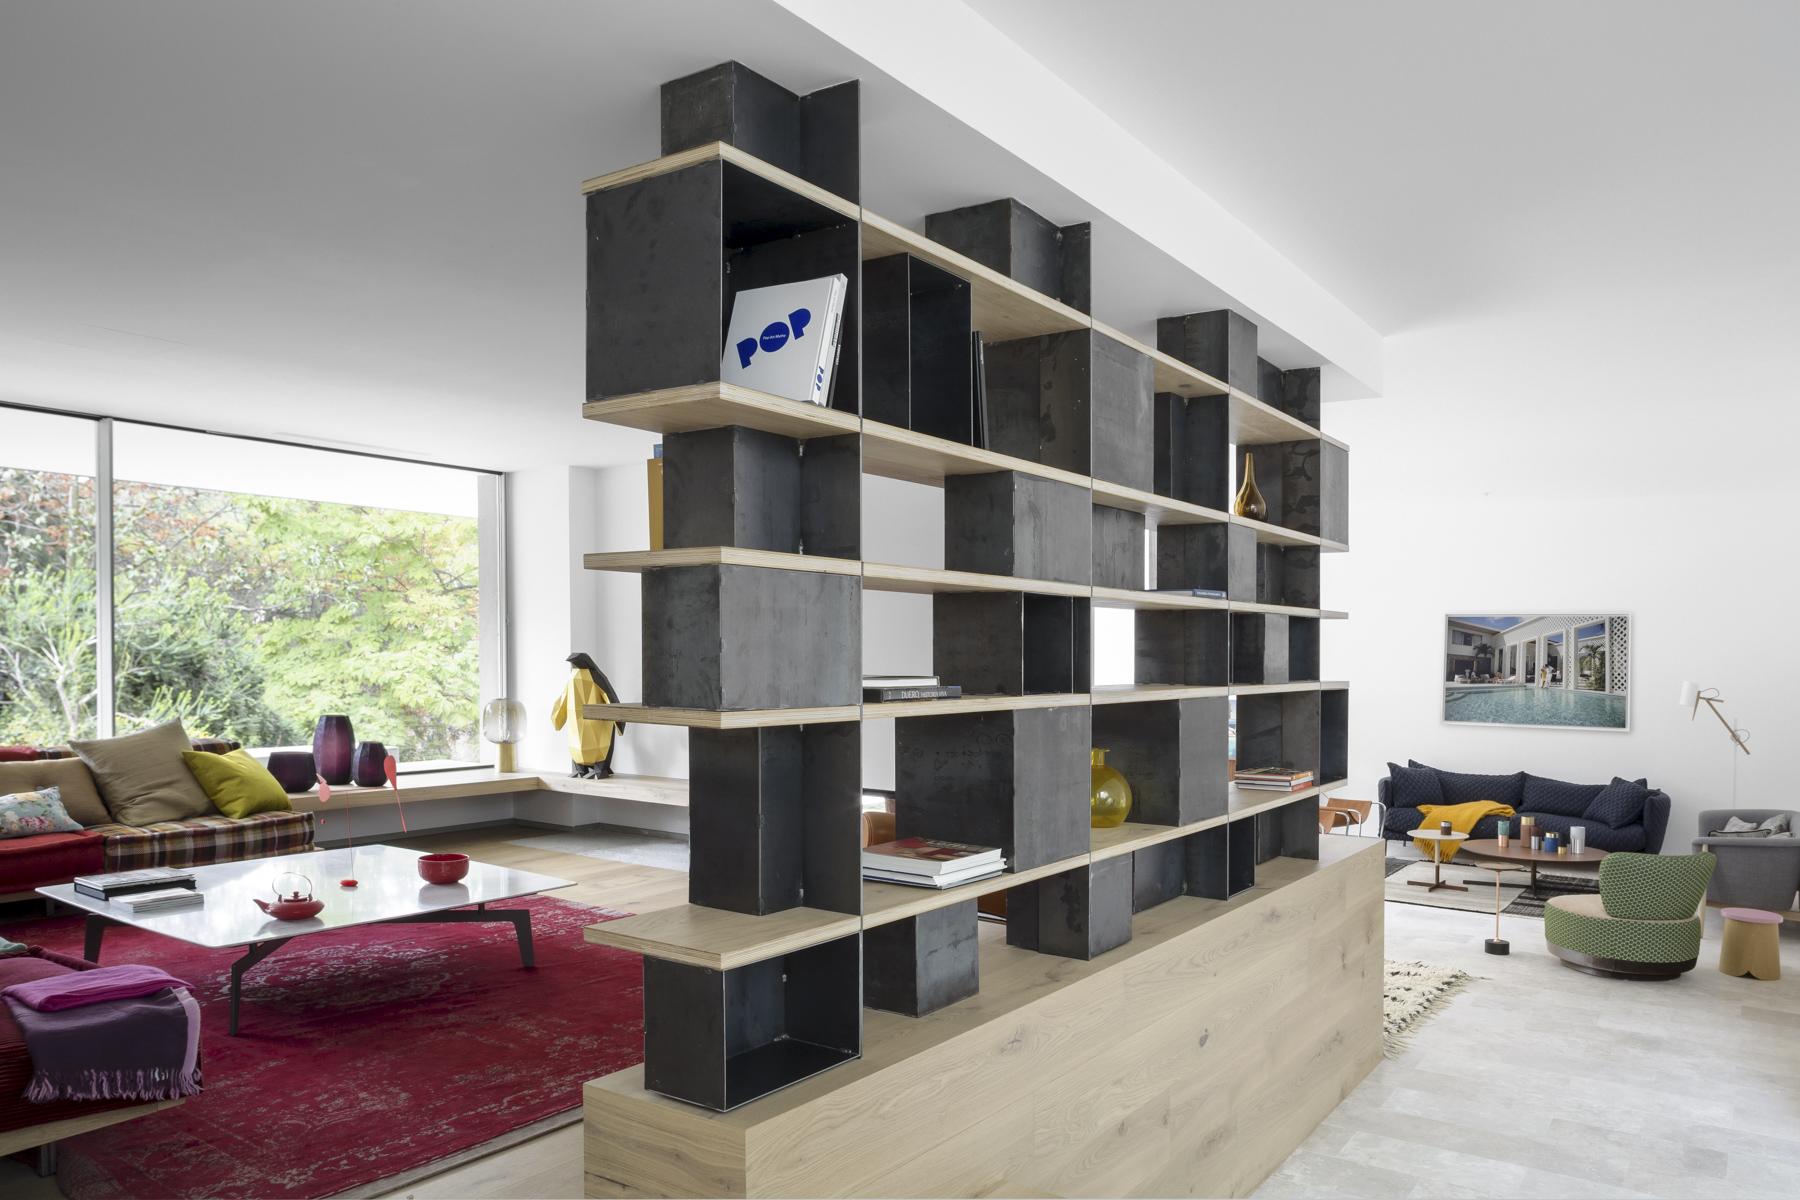 Proyecto de reforma estudio ÁBATON arquitectura. CasaL. Salón dos alturas con chimenea y estanteria pasante